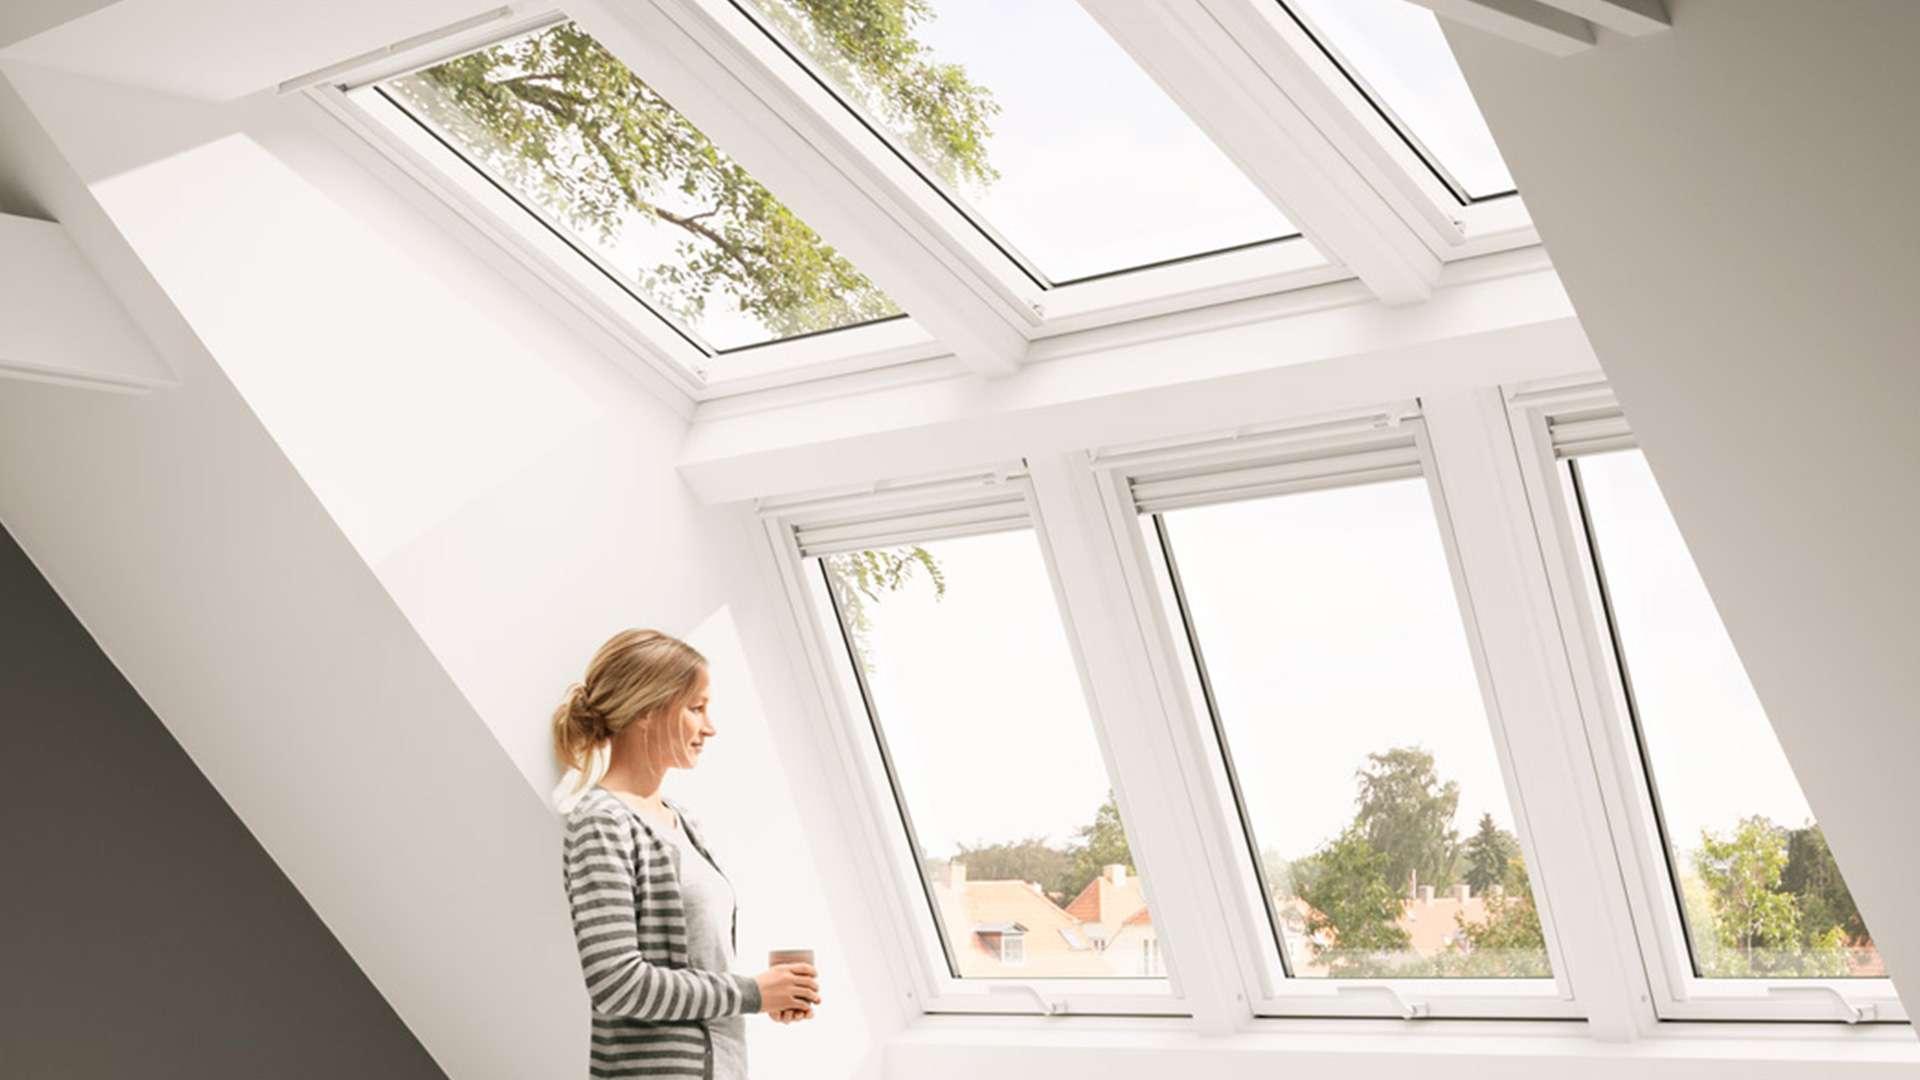 drei Dachfenster durch die eine Frau nach draußen scheint